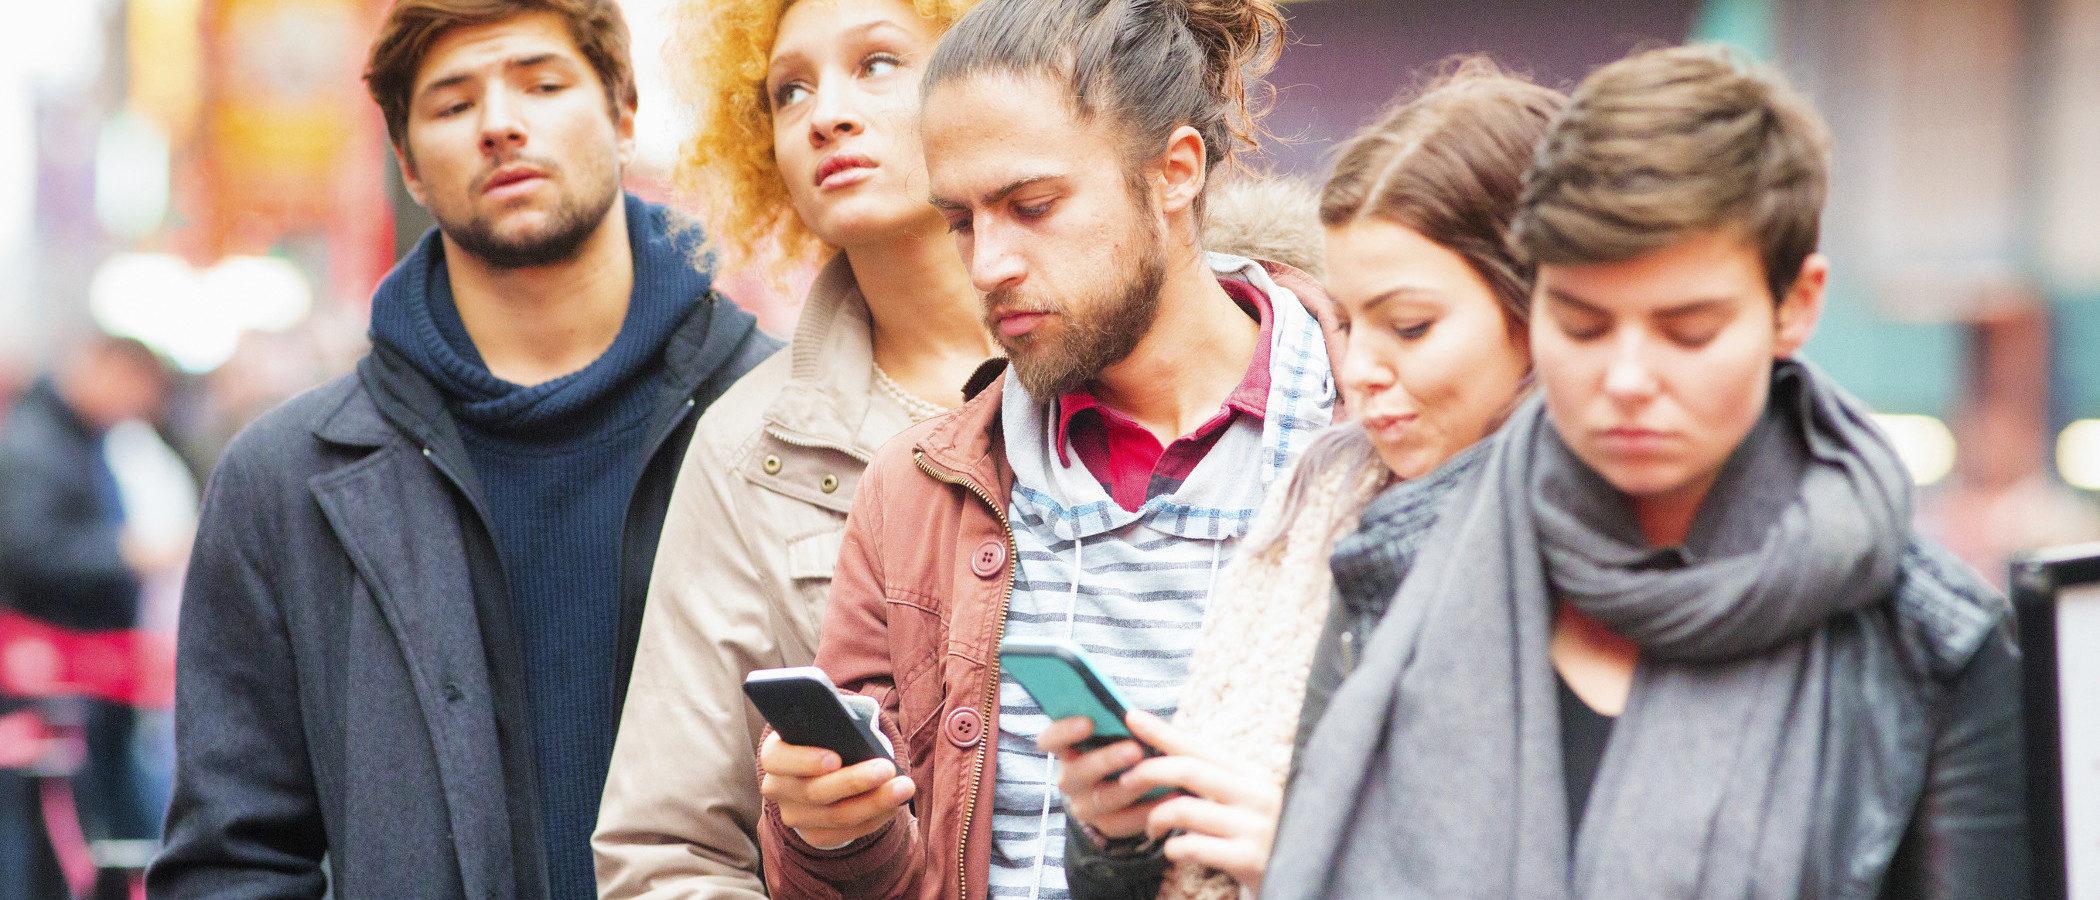 Tus hijos en Line: aprende a usar esta mensajería instantánea